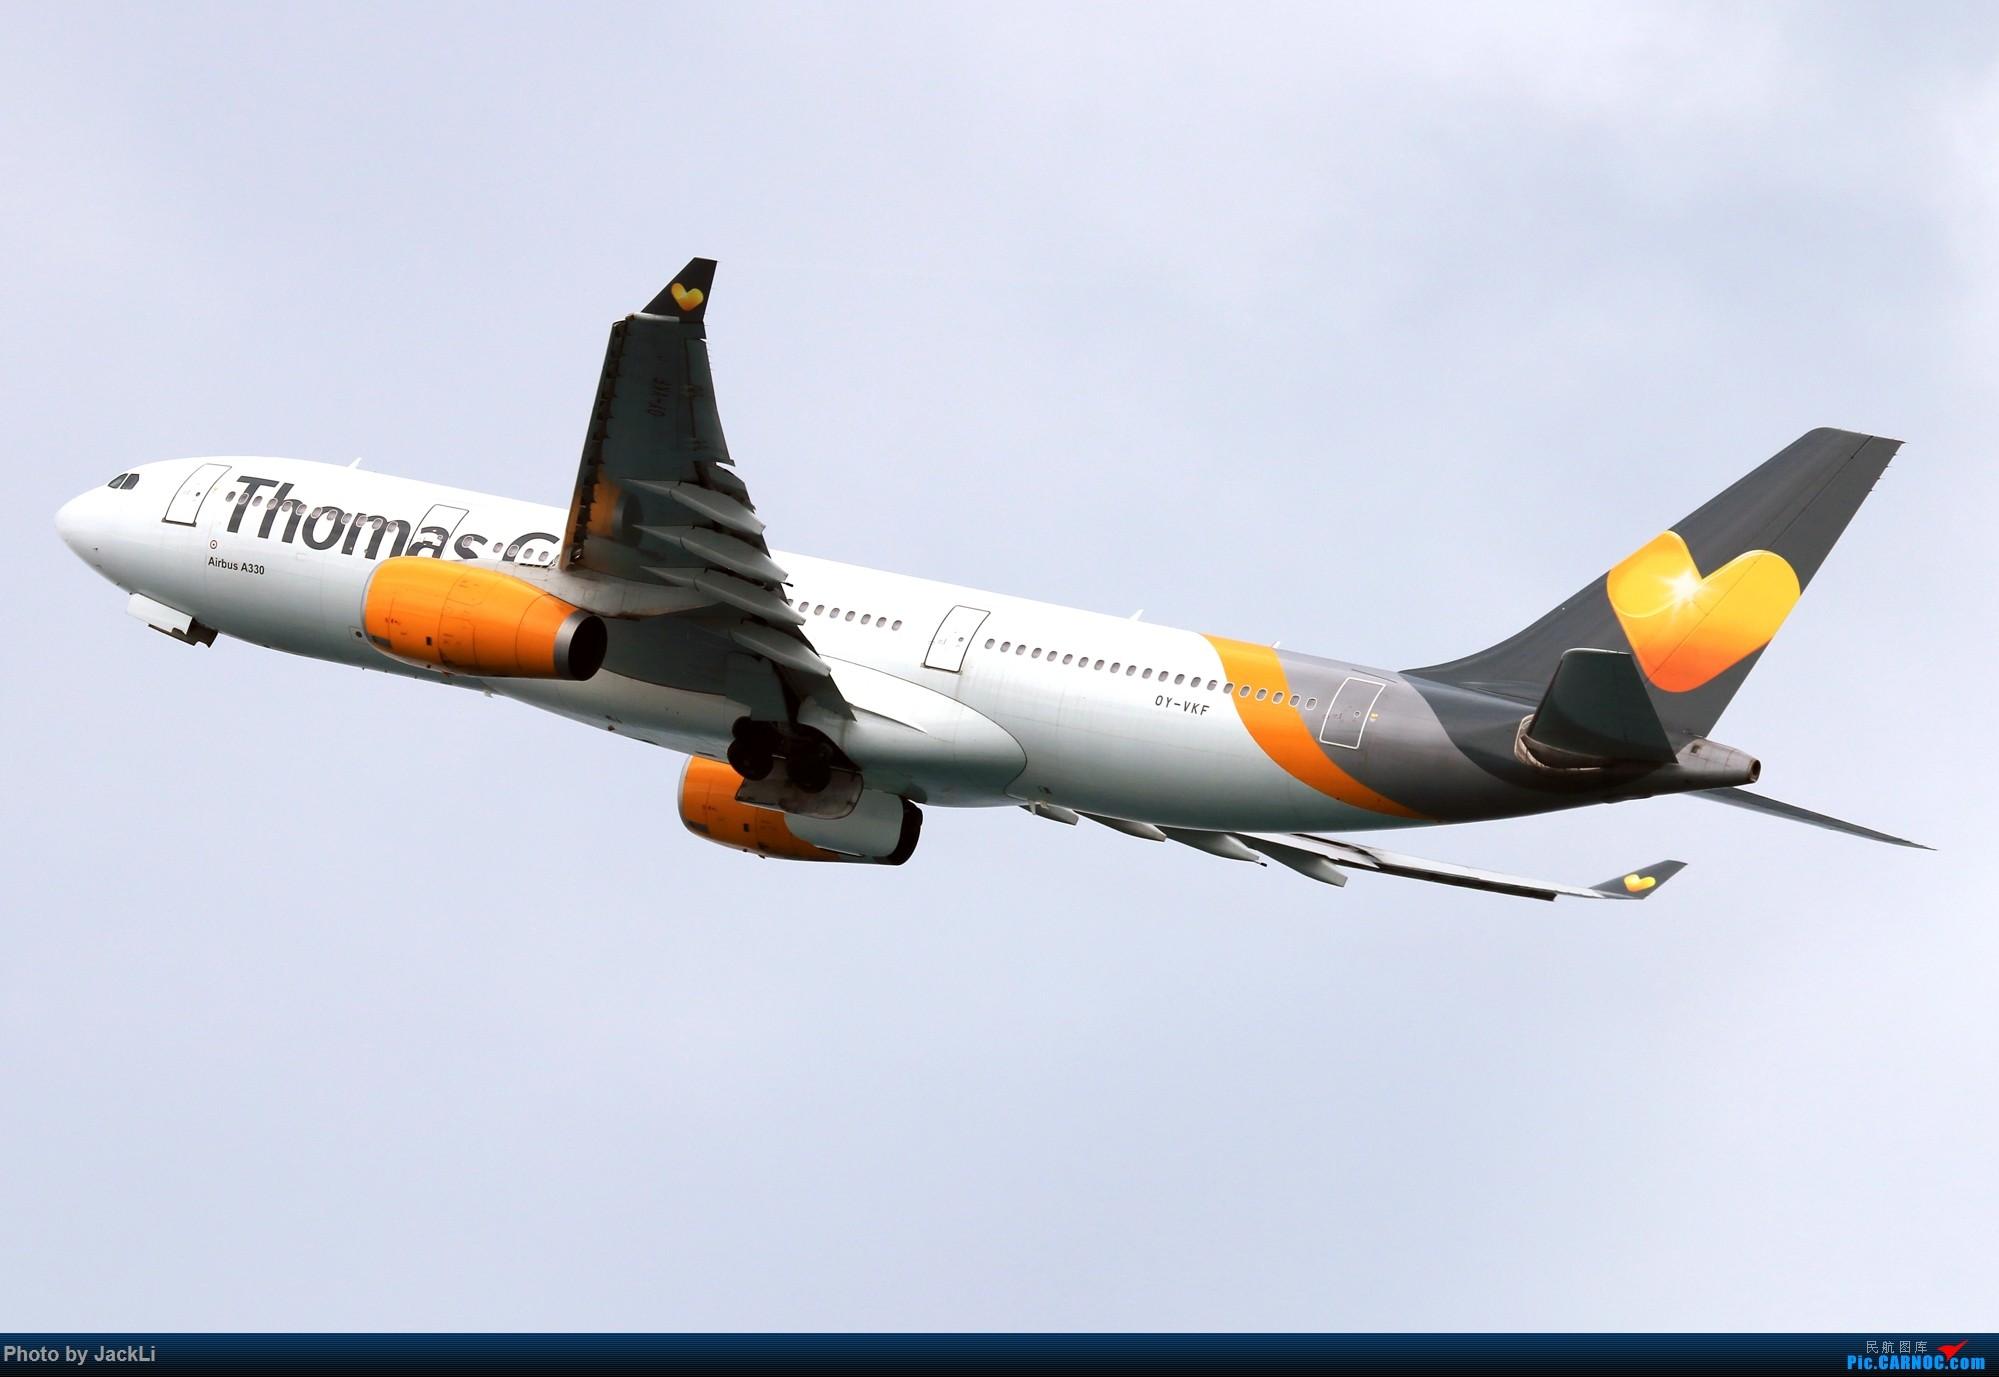 Re:[原创]【JackLi】亚洲圣马丁~普吉岛机场拍机 AIRBUS A320-200 OY-VKF 泰国普吉机场